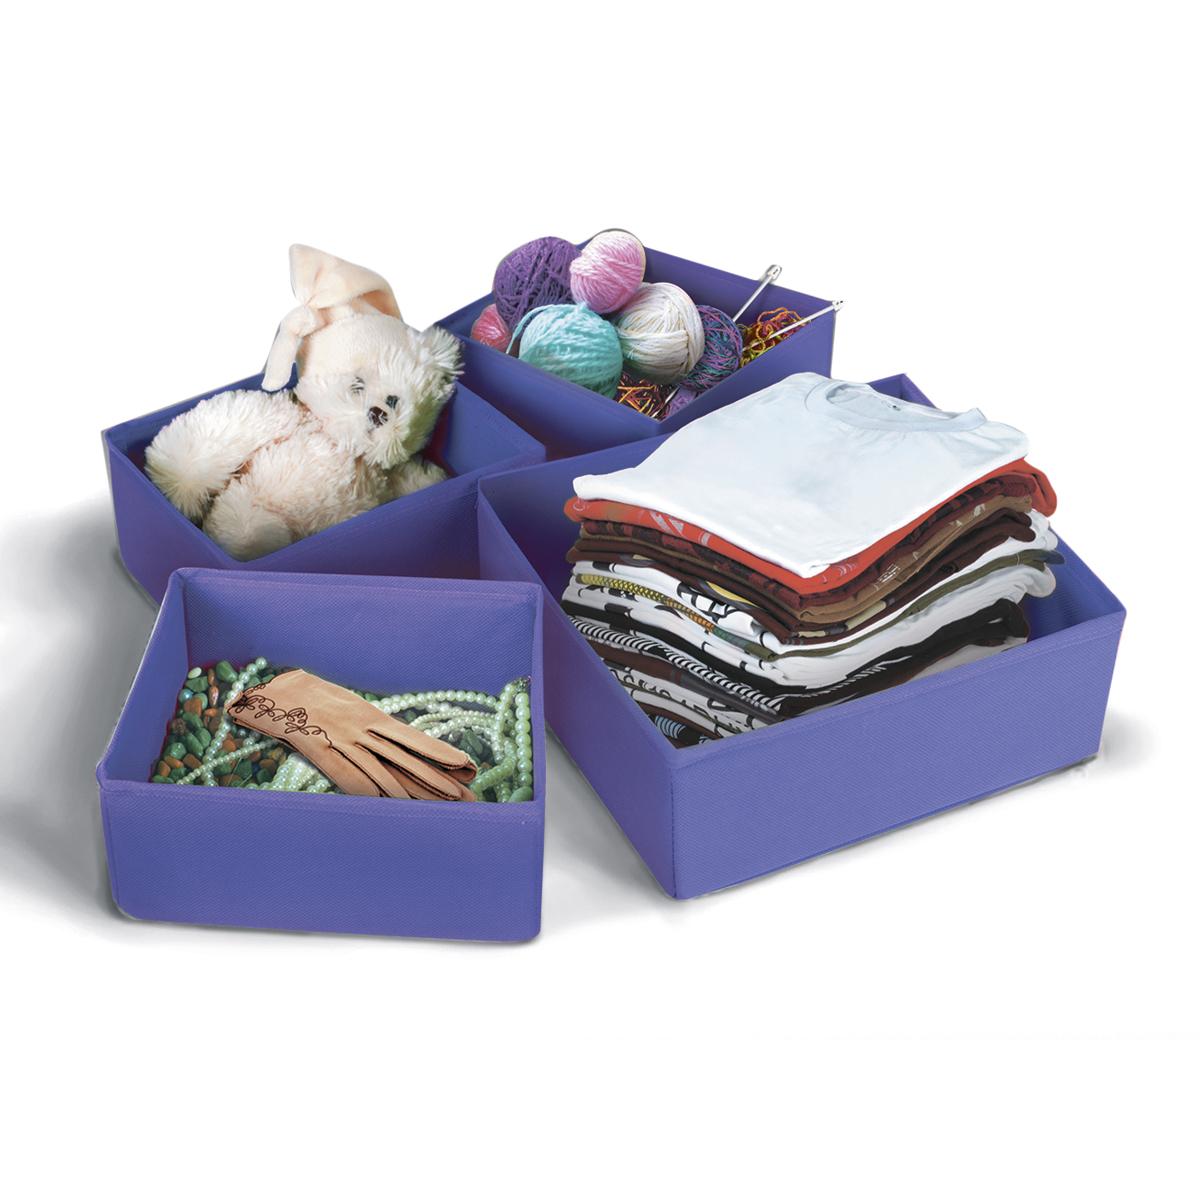 Набор коробок для хранения вещей Miolla, цвет: сиреневый, 4 предметаCHL-8-3Набор коробок Miolla предназначен для хранения вещей. Он изготовлен из нетканого материала высокого качества. Коробки позволят вам хранить вещи компактно и с удобством. Комплектация набора 4 шт.